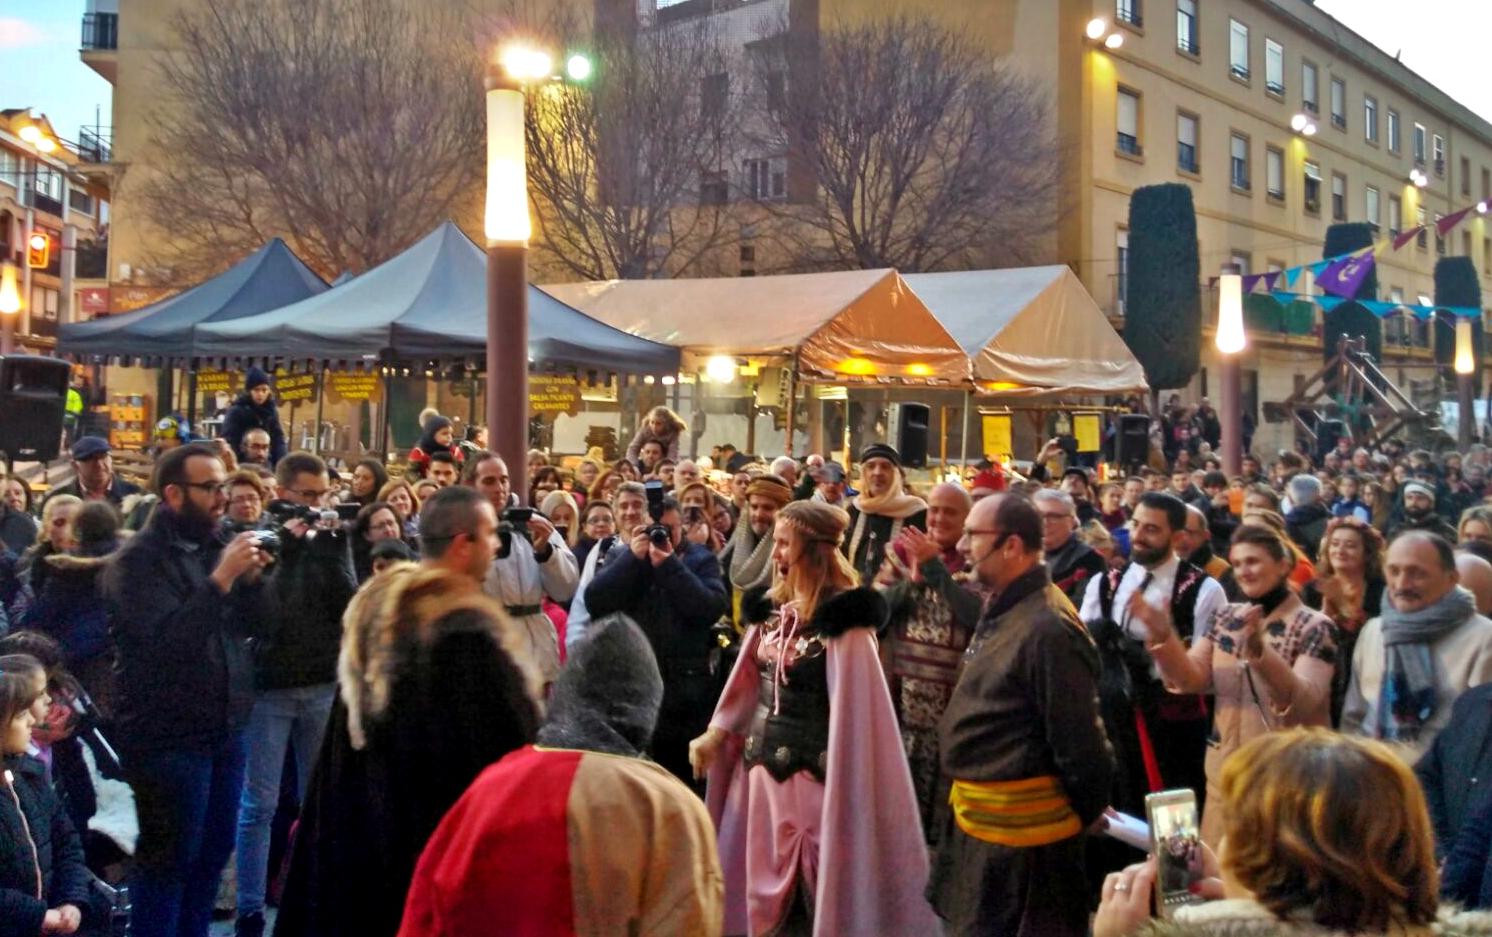 Spain's largest Medieval Market gets underway despite the rain